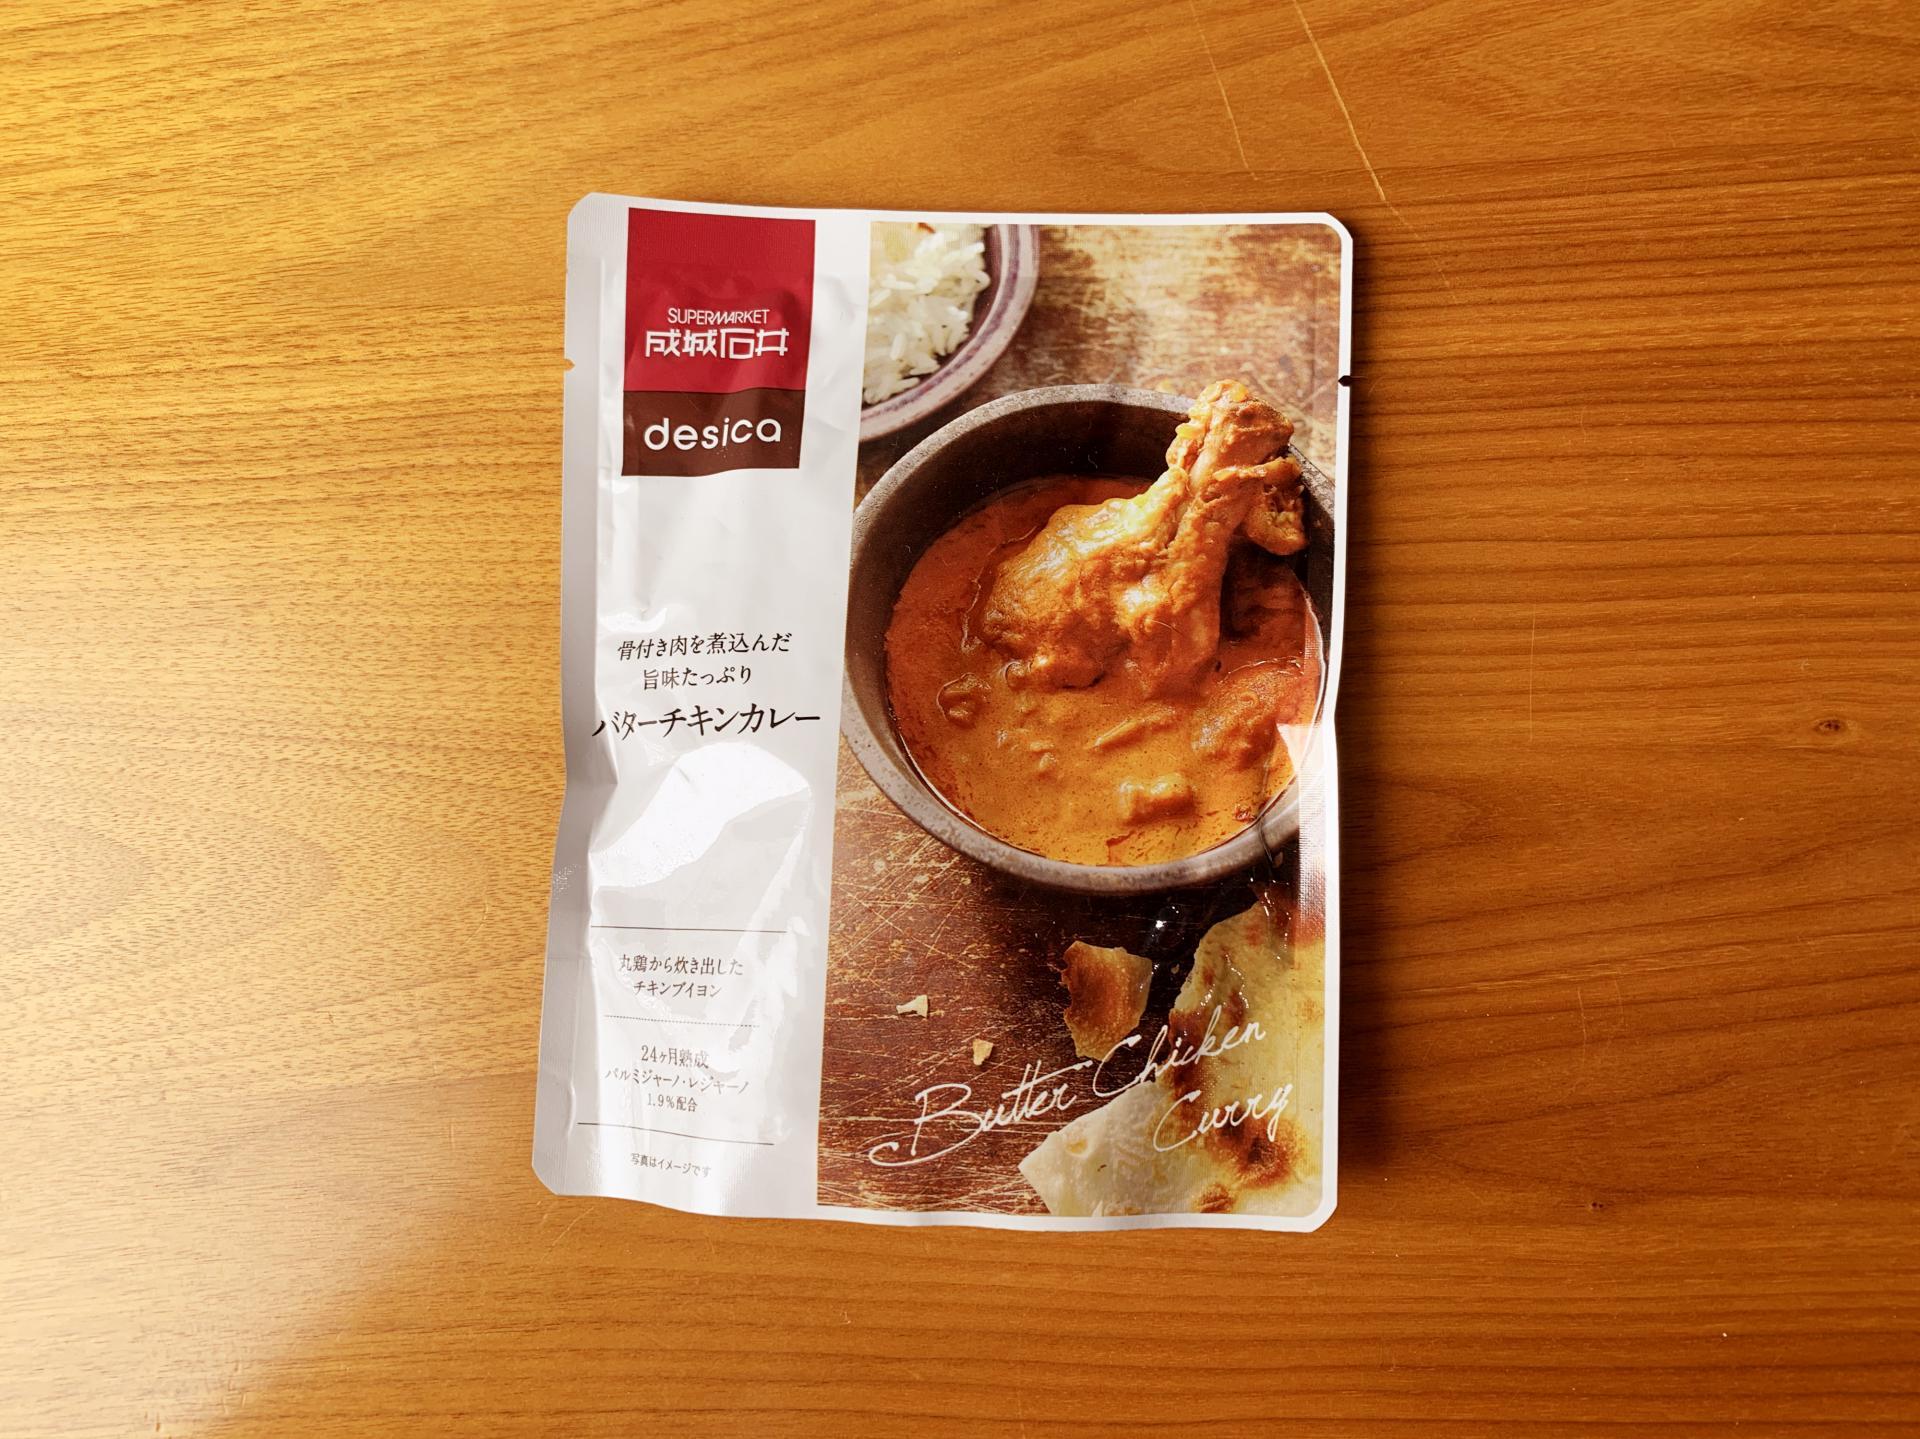 成城石井のバターチキンカレーが絶品!ゴロゴロ具材が嬉しいおすすめ商品とは